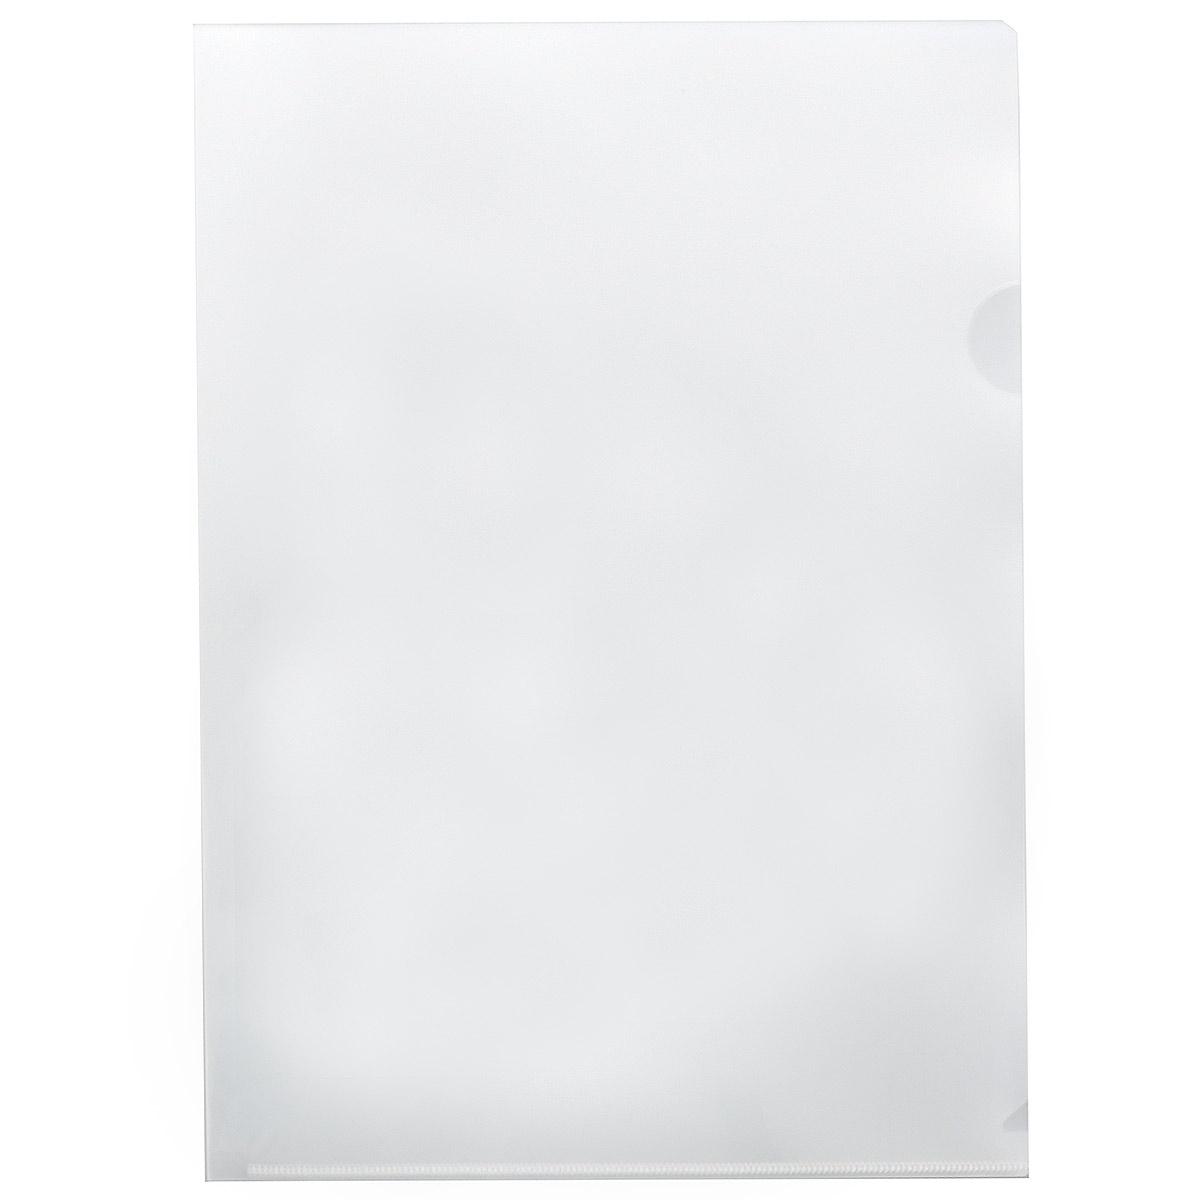 Centrum Папка-уголок цвет прозрачный 12 шт83015Папка-уголок Centrum - это удобный и практичный офисный инструмент, предназначенный для хранения и транспортировки рабочих бумаг и документов формата А4. Папка изготовлена из плотного глянцевого пластика, имеет опрятный и неброский вид. В комплект входят 12 папок формата А4. Папка-уголок - это незаменимый атрибут для студента, школьника, офисного работника. Такая папка надежно сохранит ваши документы и сбережет их от повреждений, пыли и влаги.